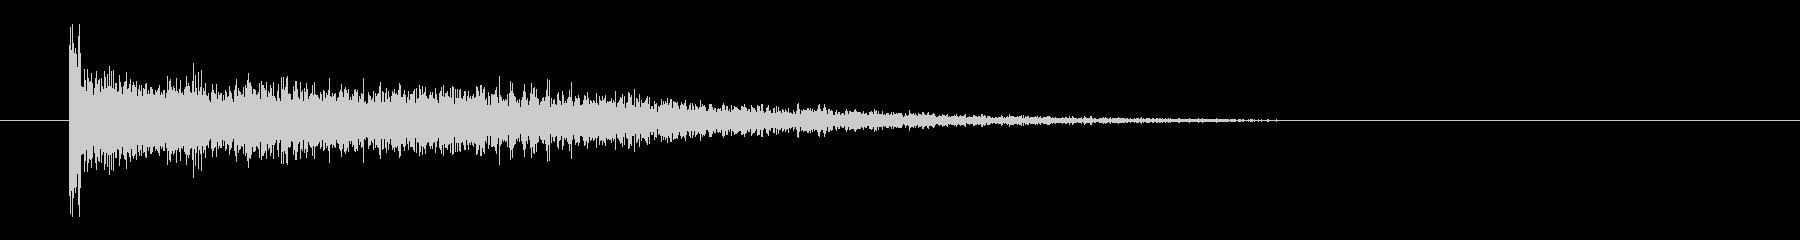 レーザー音-62-3の未再生の波形